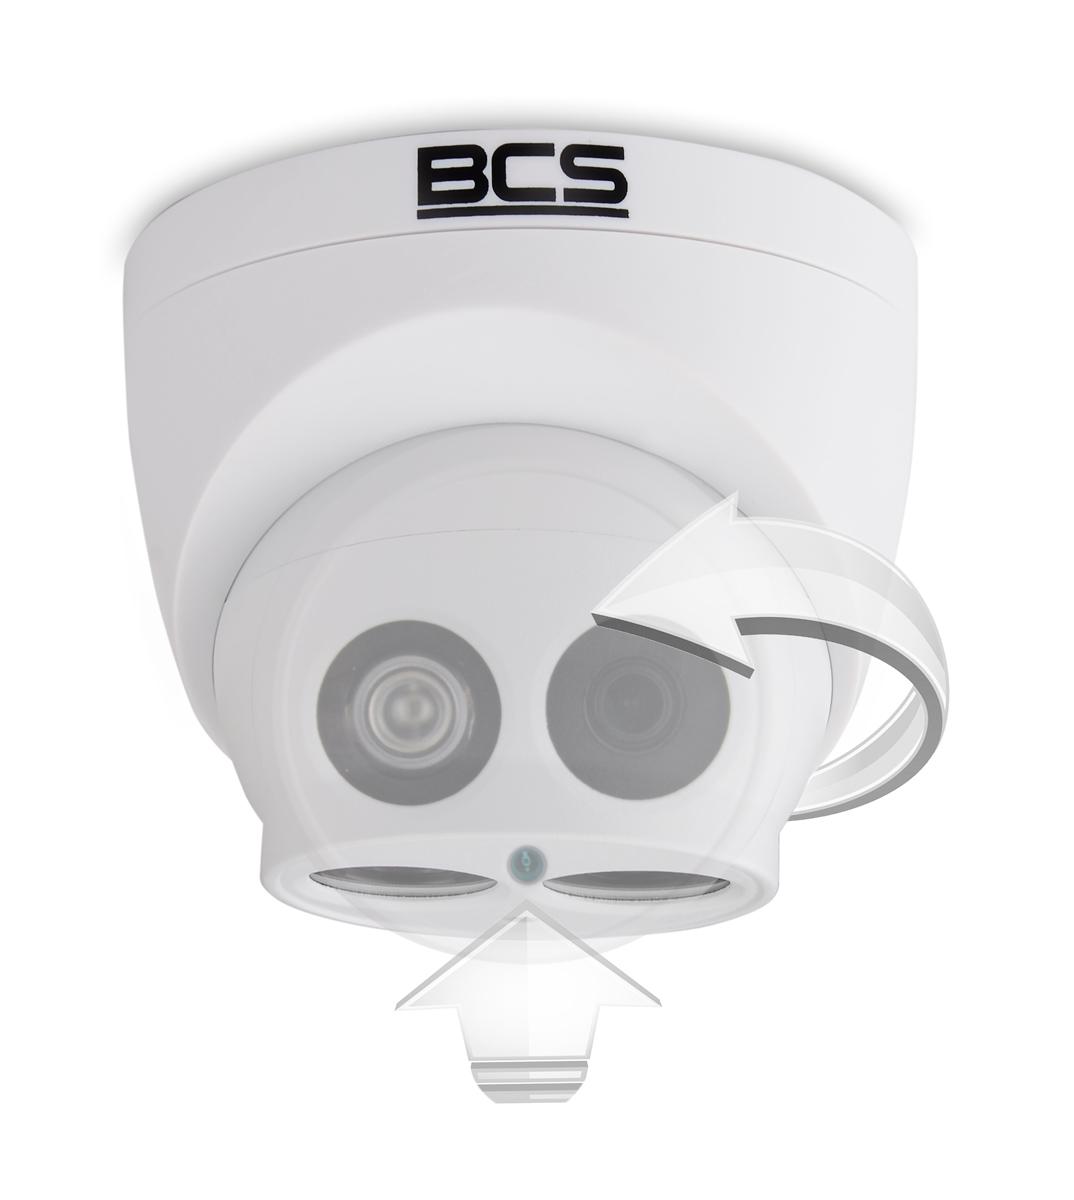 Kopuła kamery BCS-DMIP2200AIR-II może być regulowana w dwóch płaszczyznach